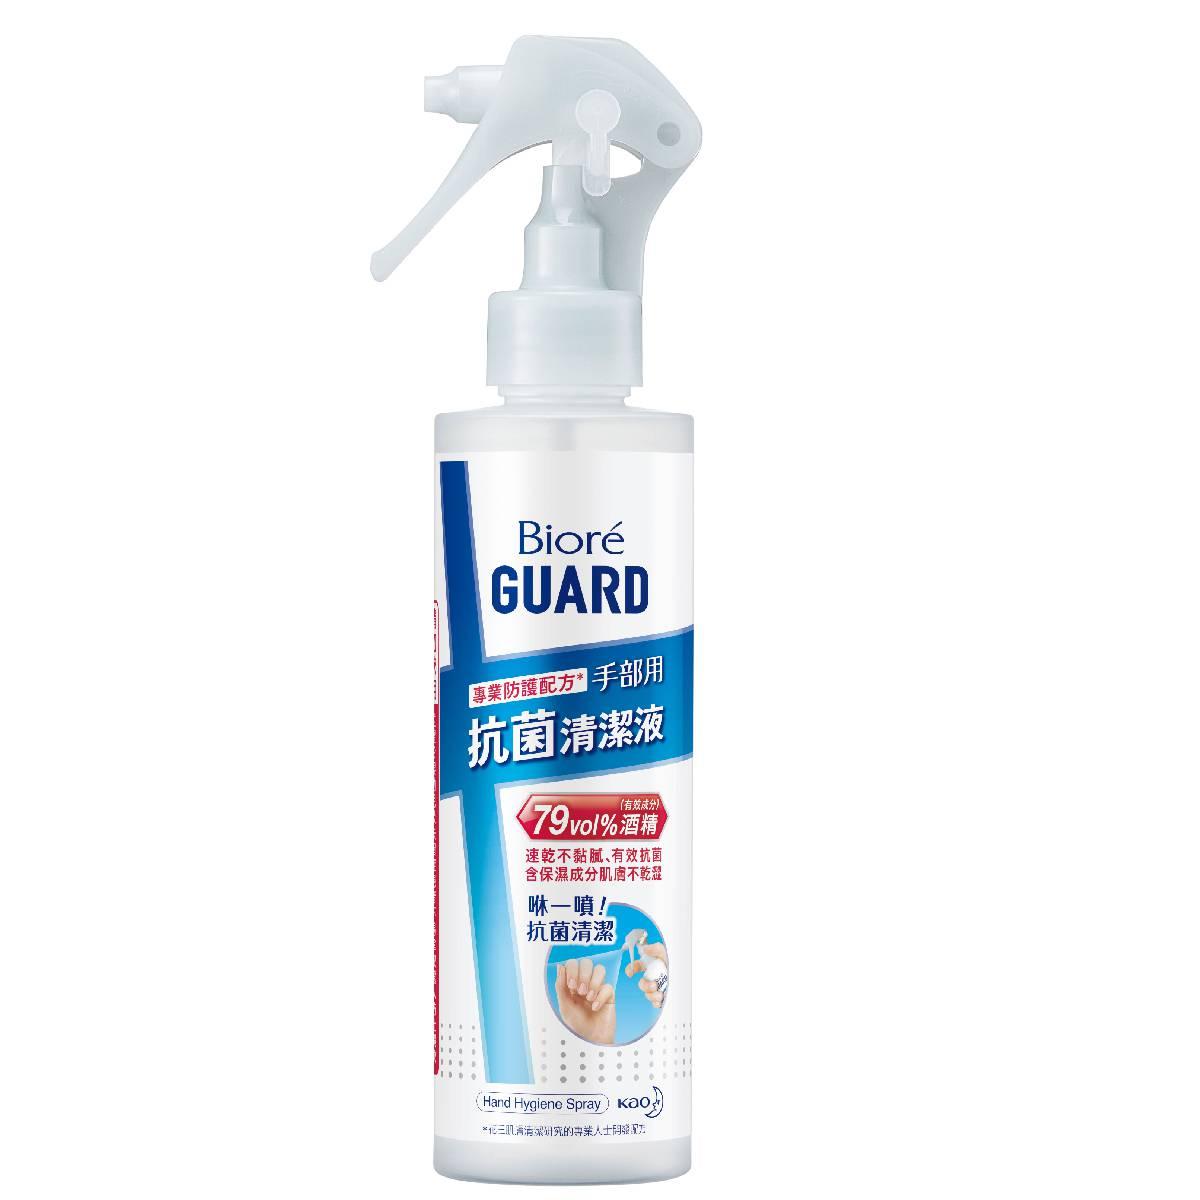 Biore蜜妮GUARD手部抗菌清潔液-隨身噴霧型175ml